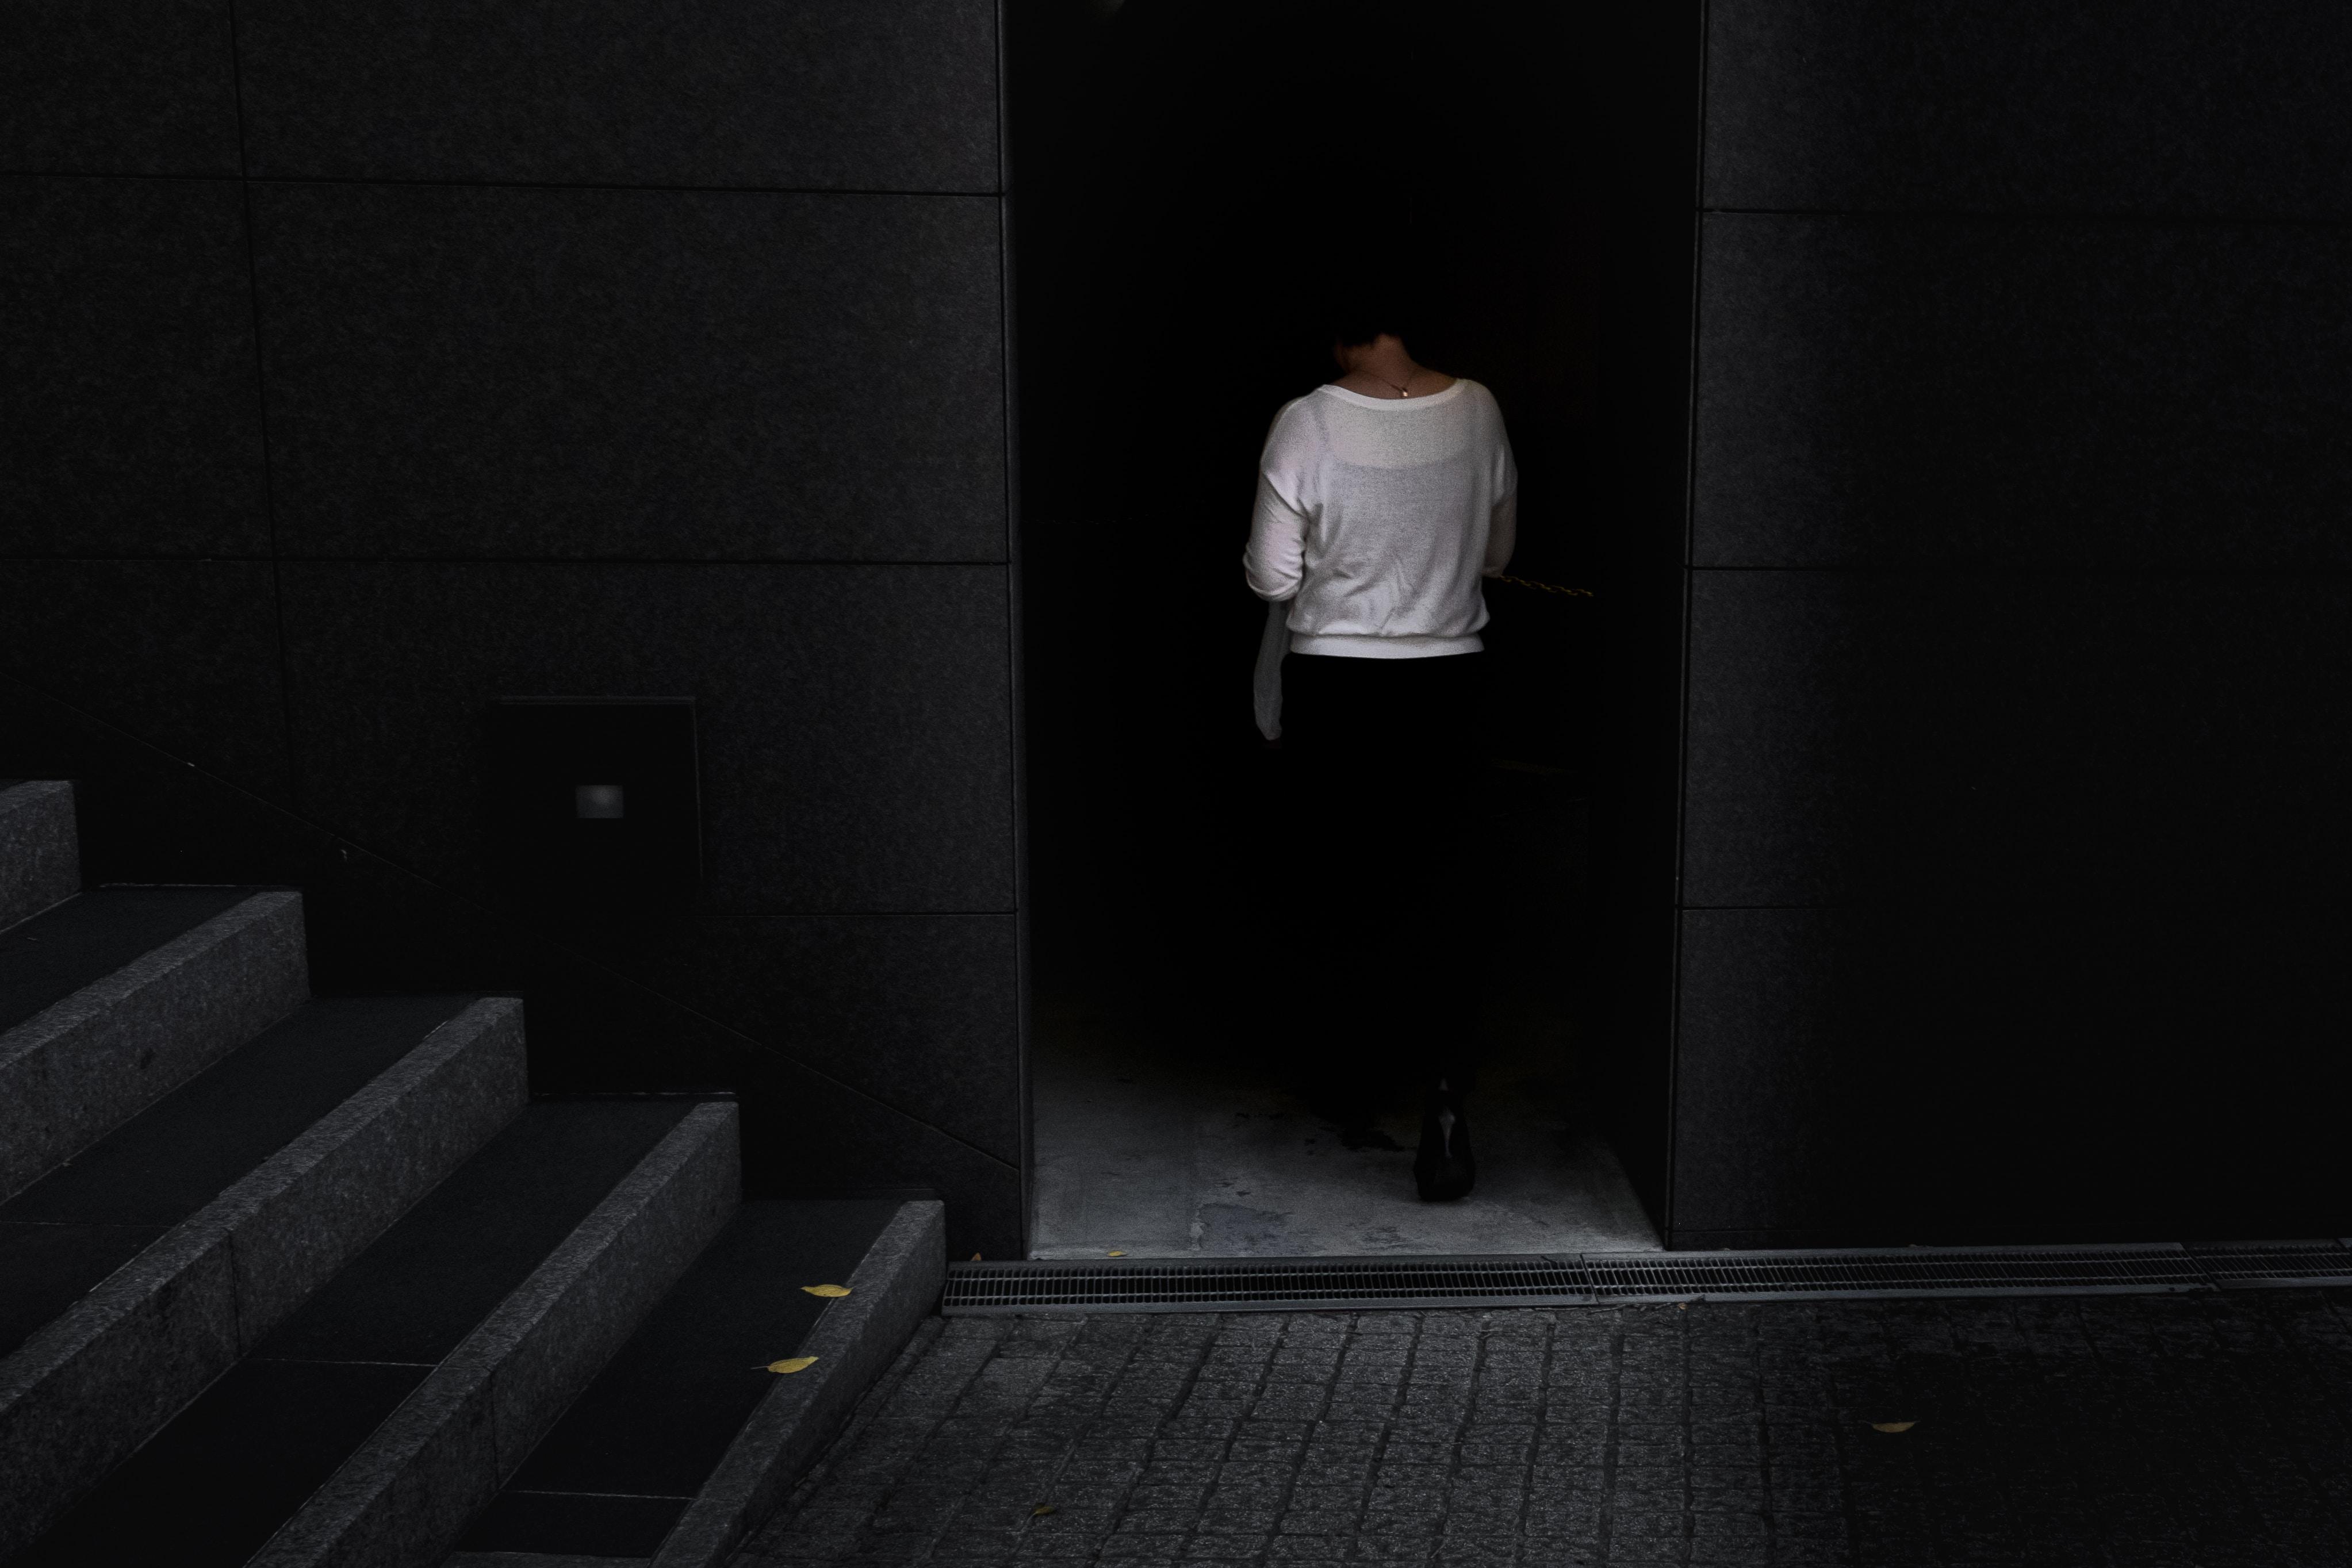 woman walking near gray stair inside building